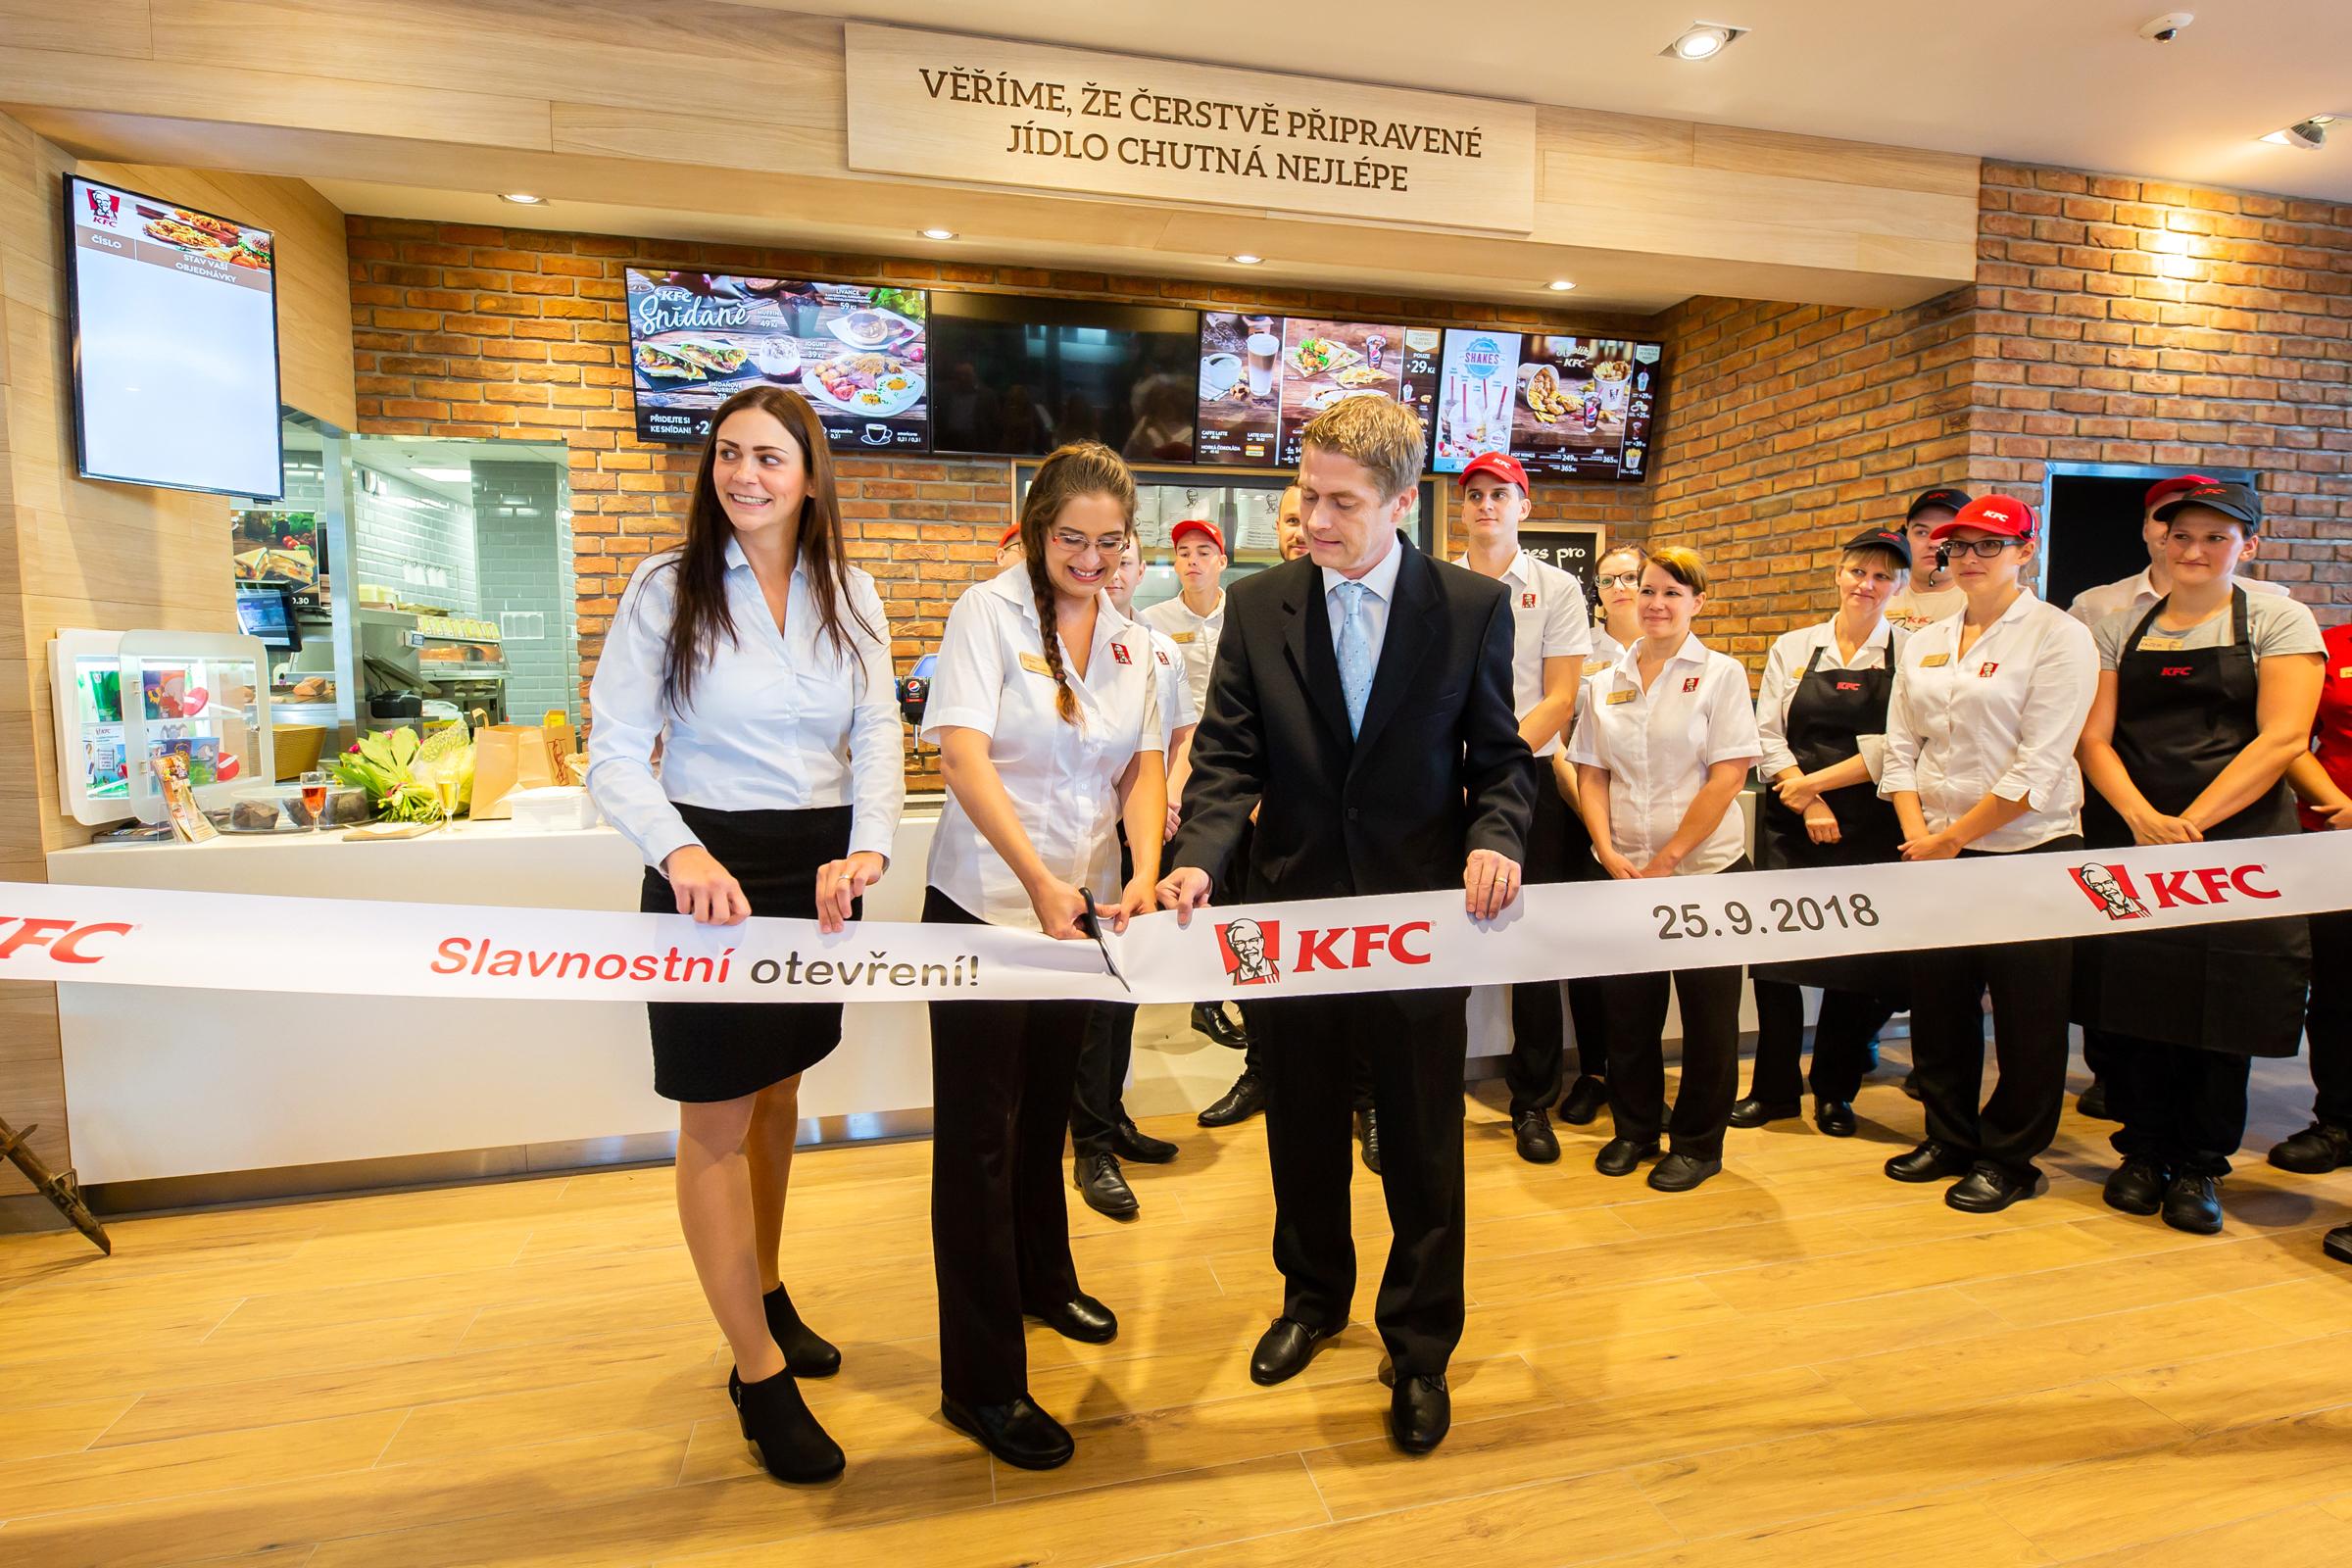 Slavnostní otevření KFC v Karlových Varech proběhlo 25. září